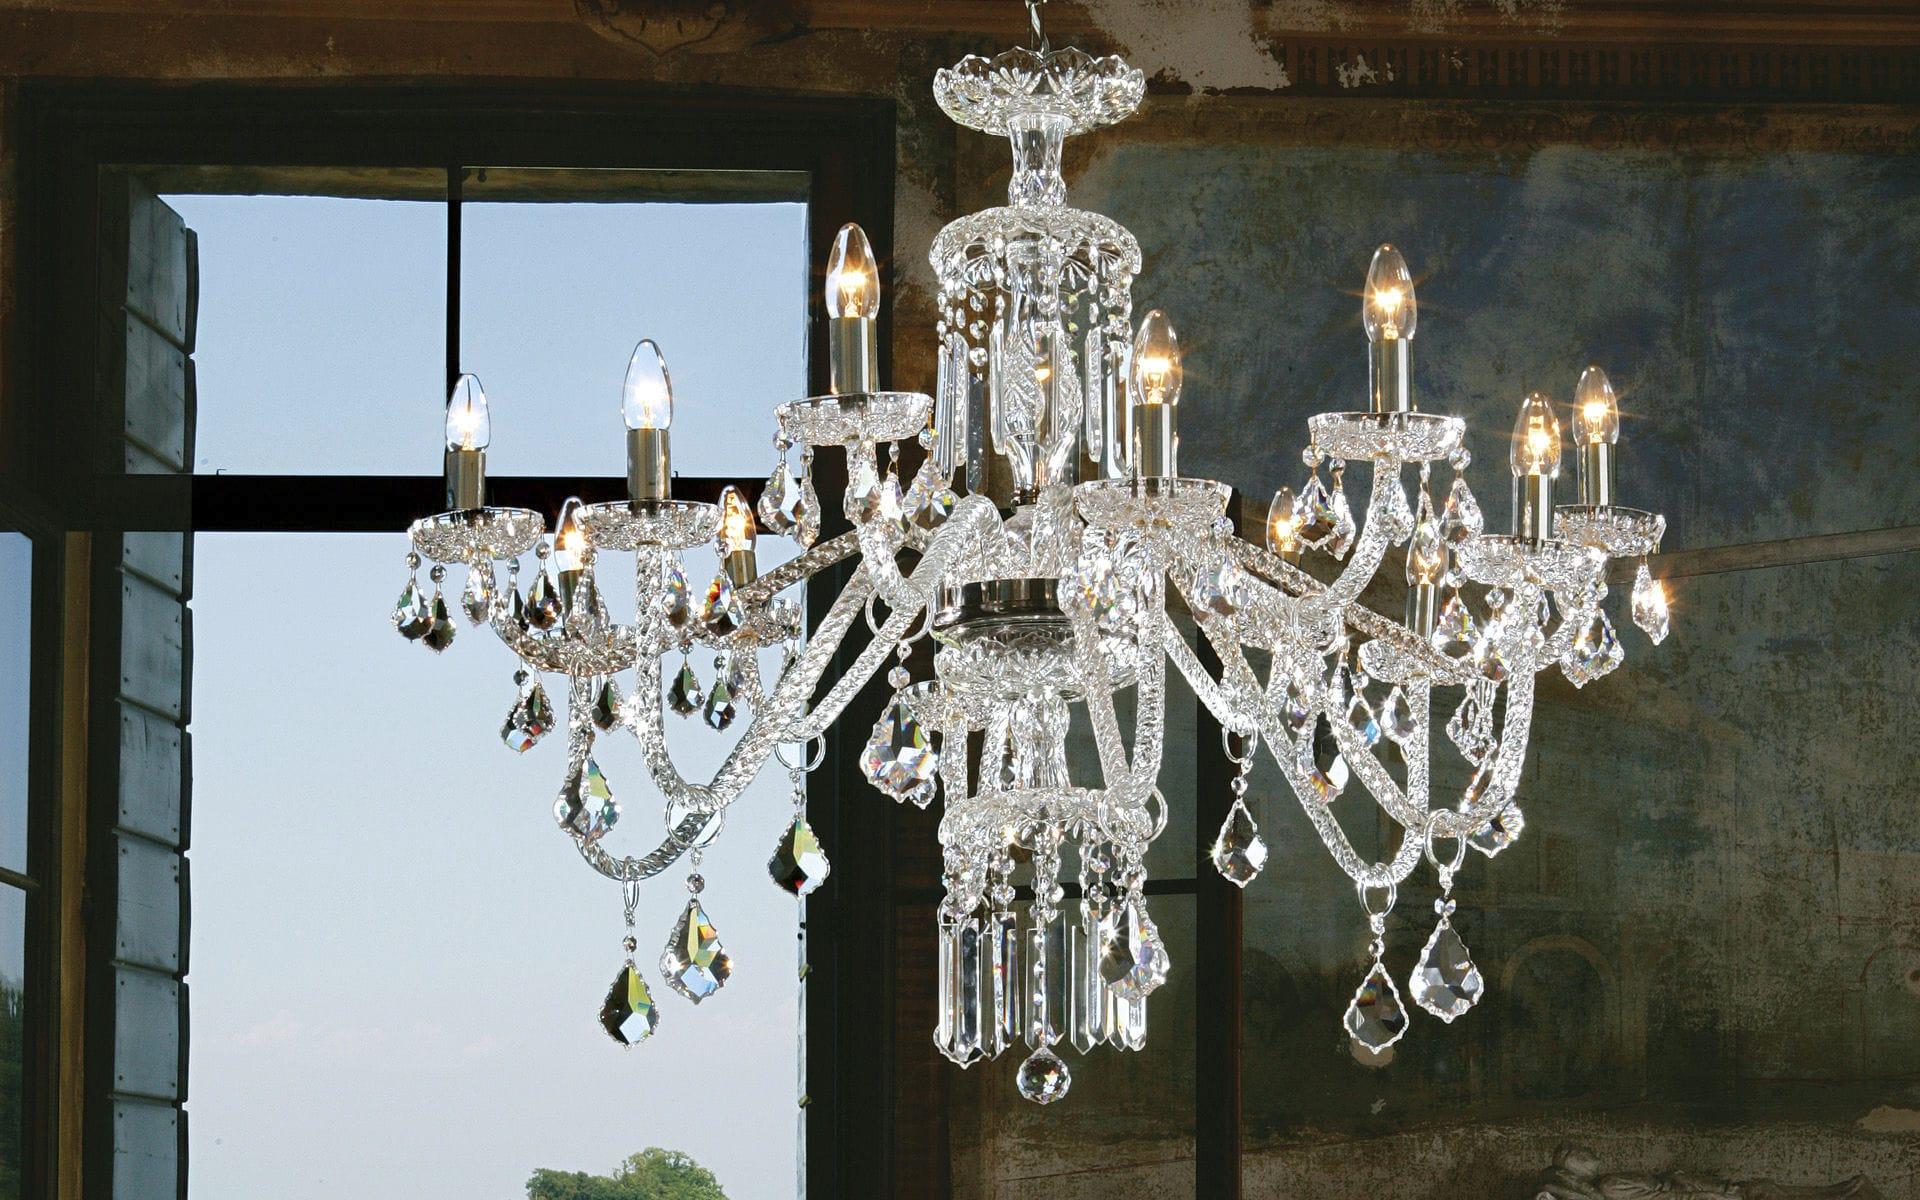 Lampadario in stile / in cristallo / in vetro di Murano / a ...